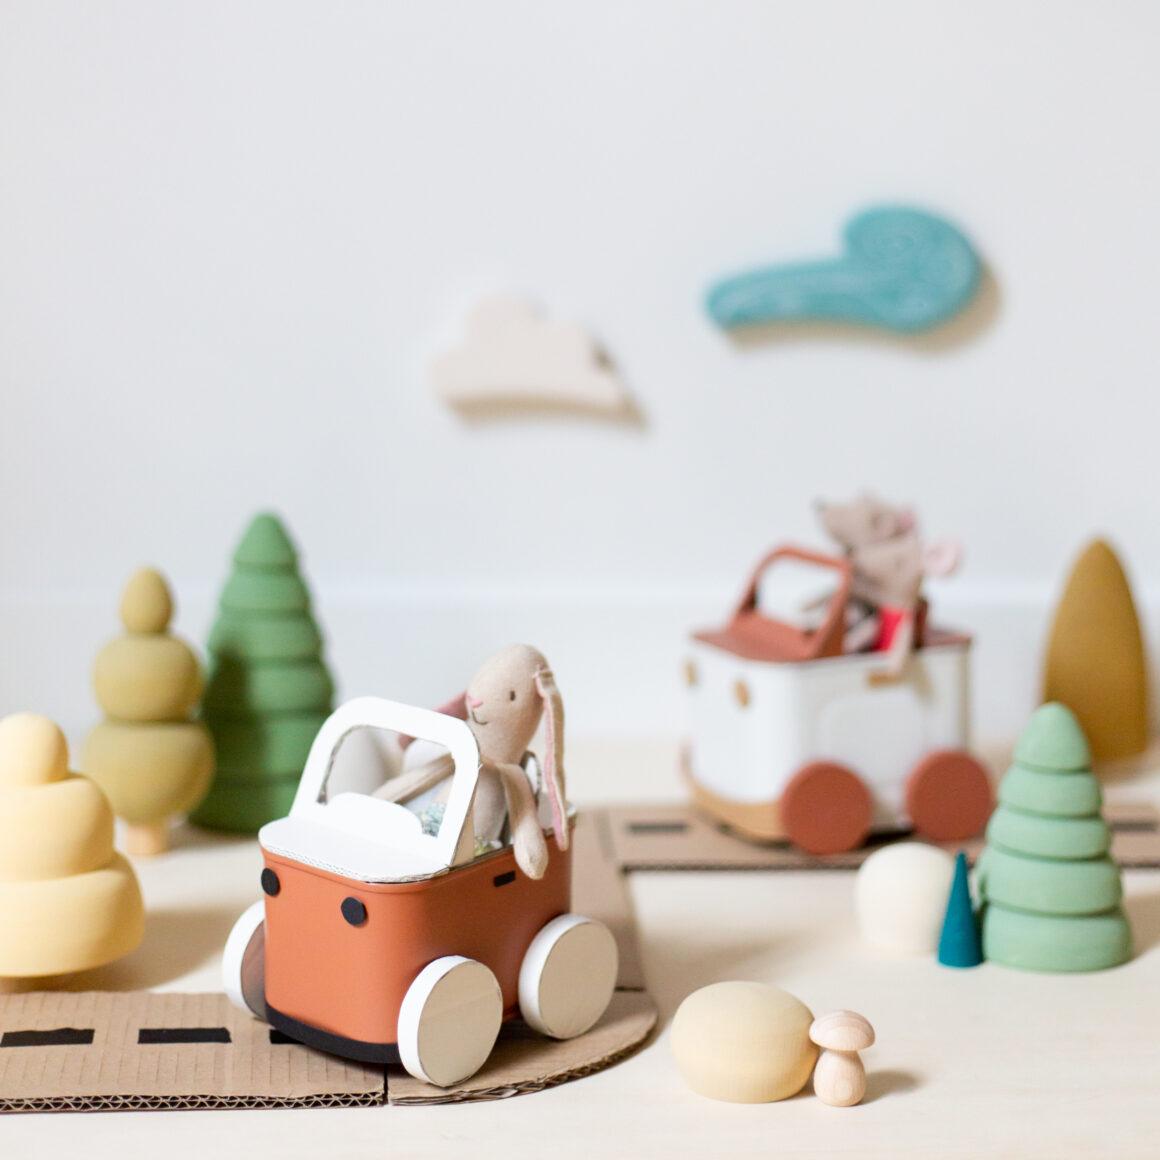 DIY jouet voiture avec une boîte de conserve Cassegrain par Atelier de Curiosité